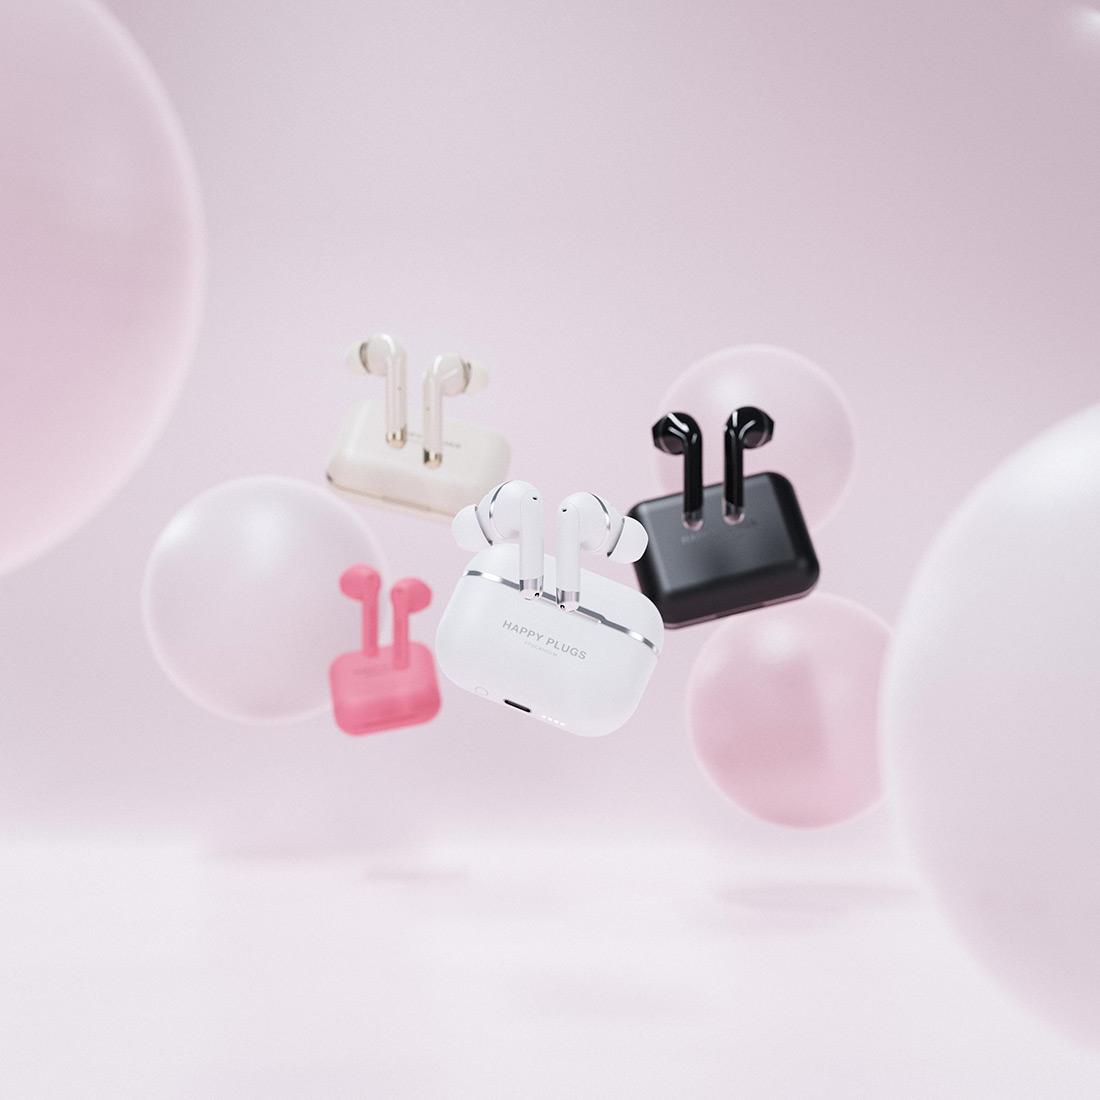 Bežične slušalice Happy Plugs dostupne u Hrvatskoj gdje kupiti cijena